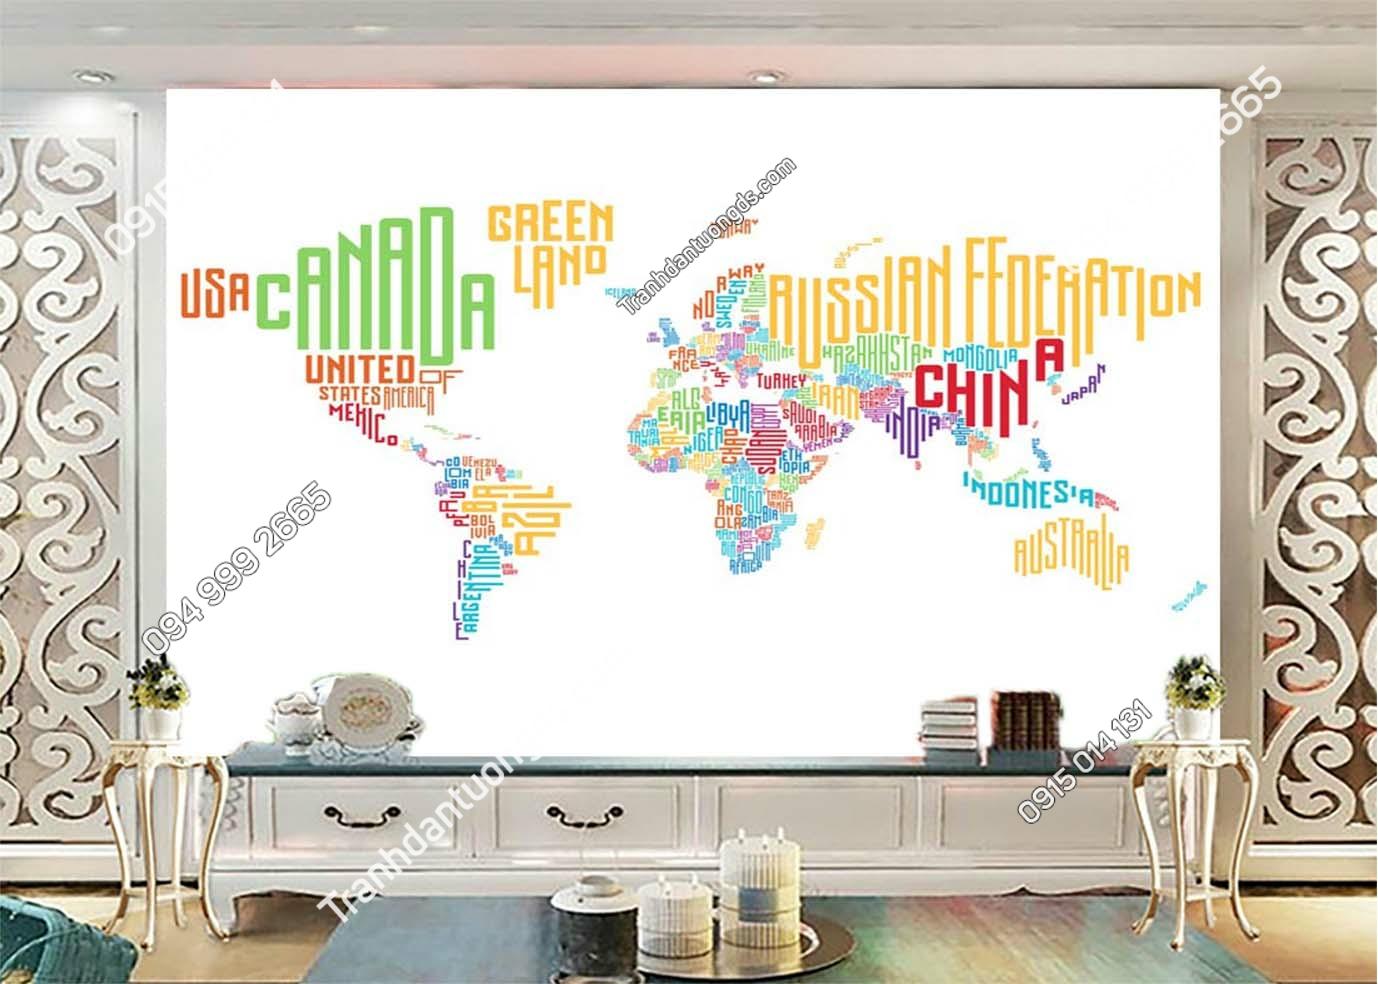 Tranh dán tường bản đồ bằng tên các quốc gia dán phòng khách 0032